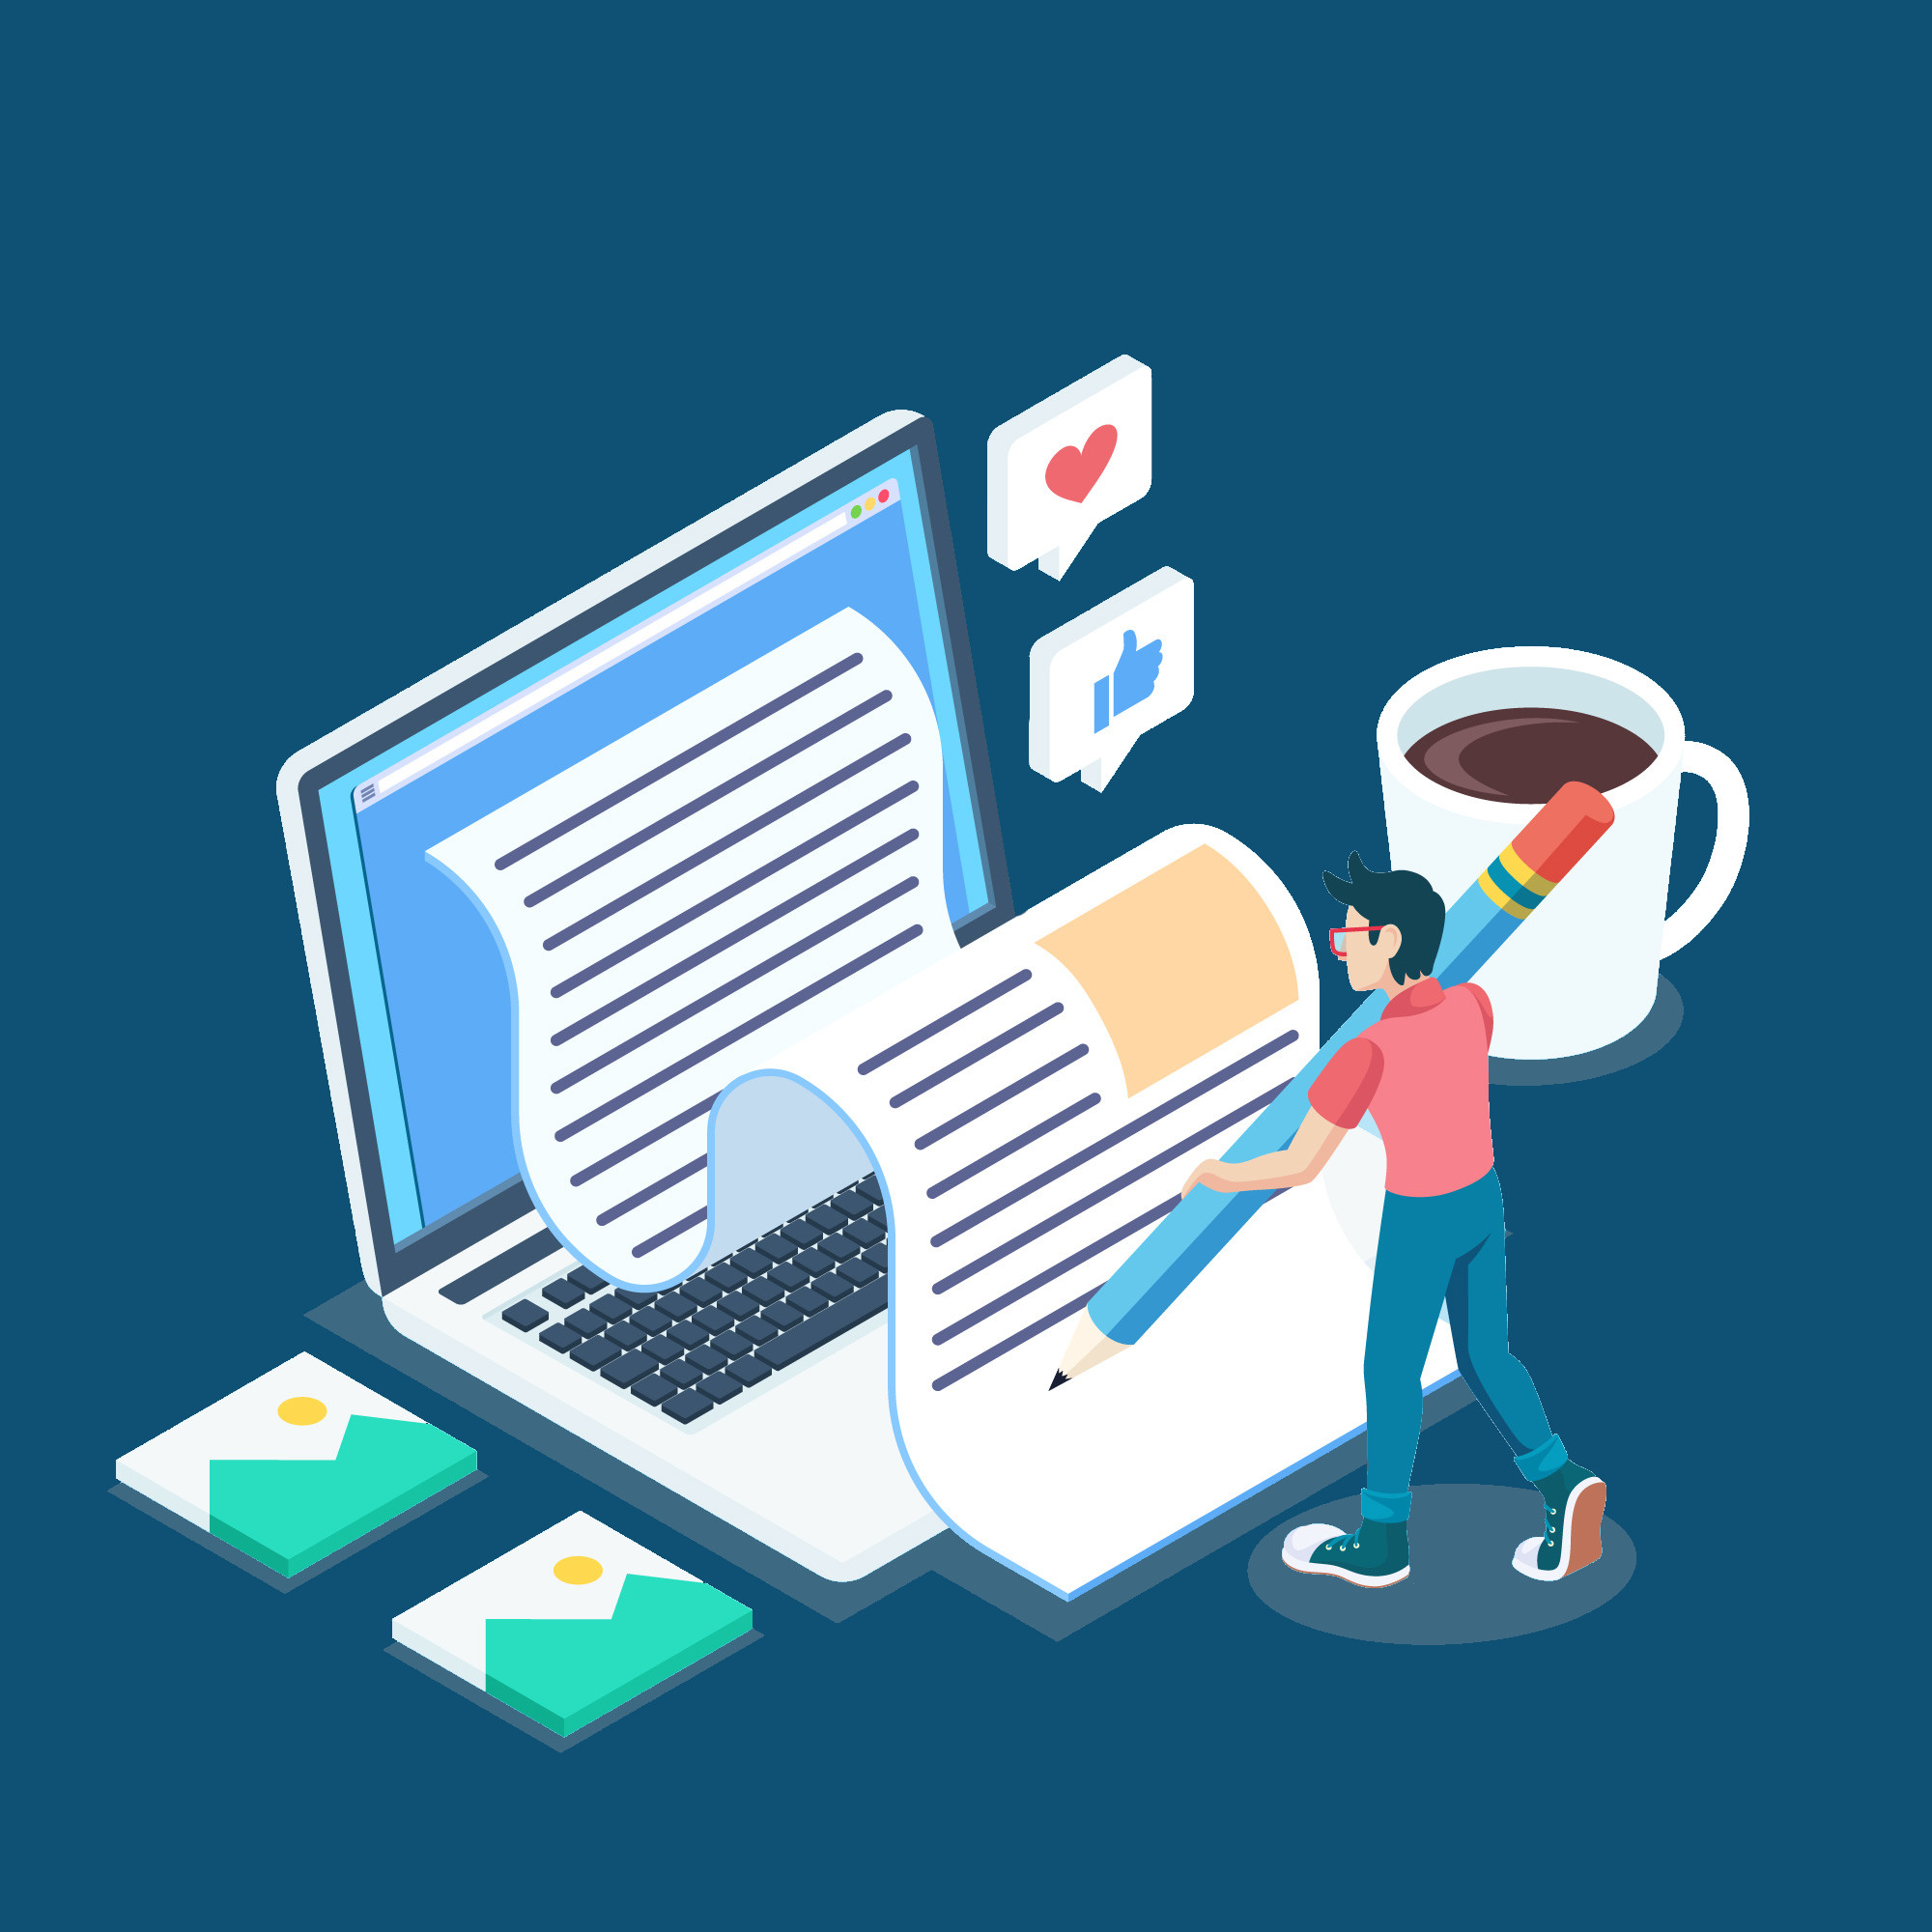 produzir conteúdo para blog